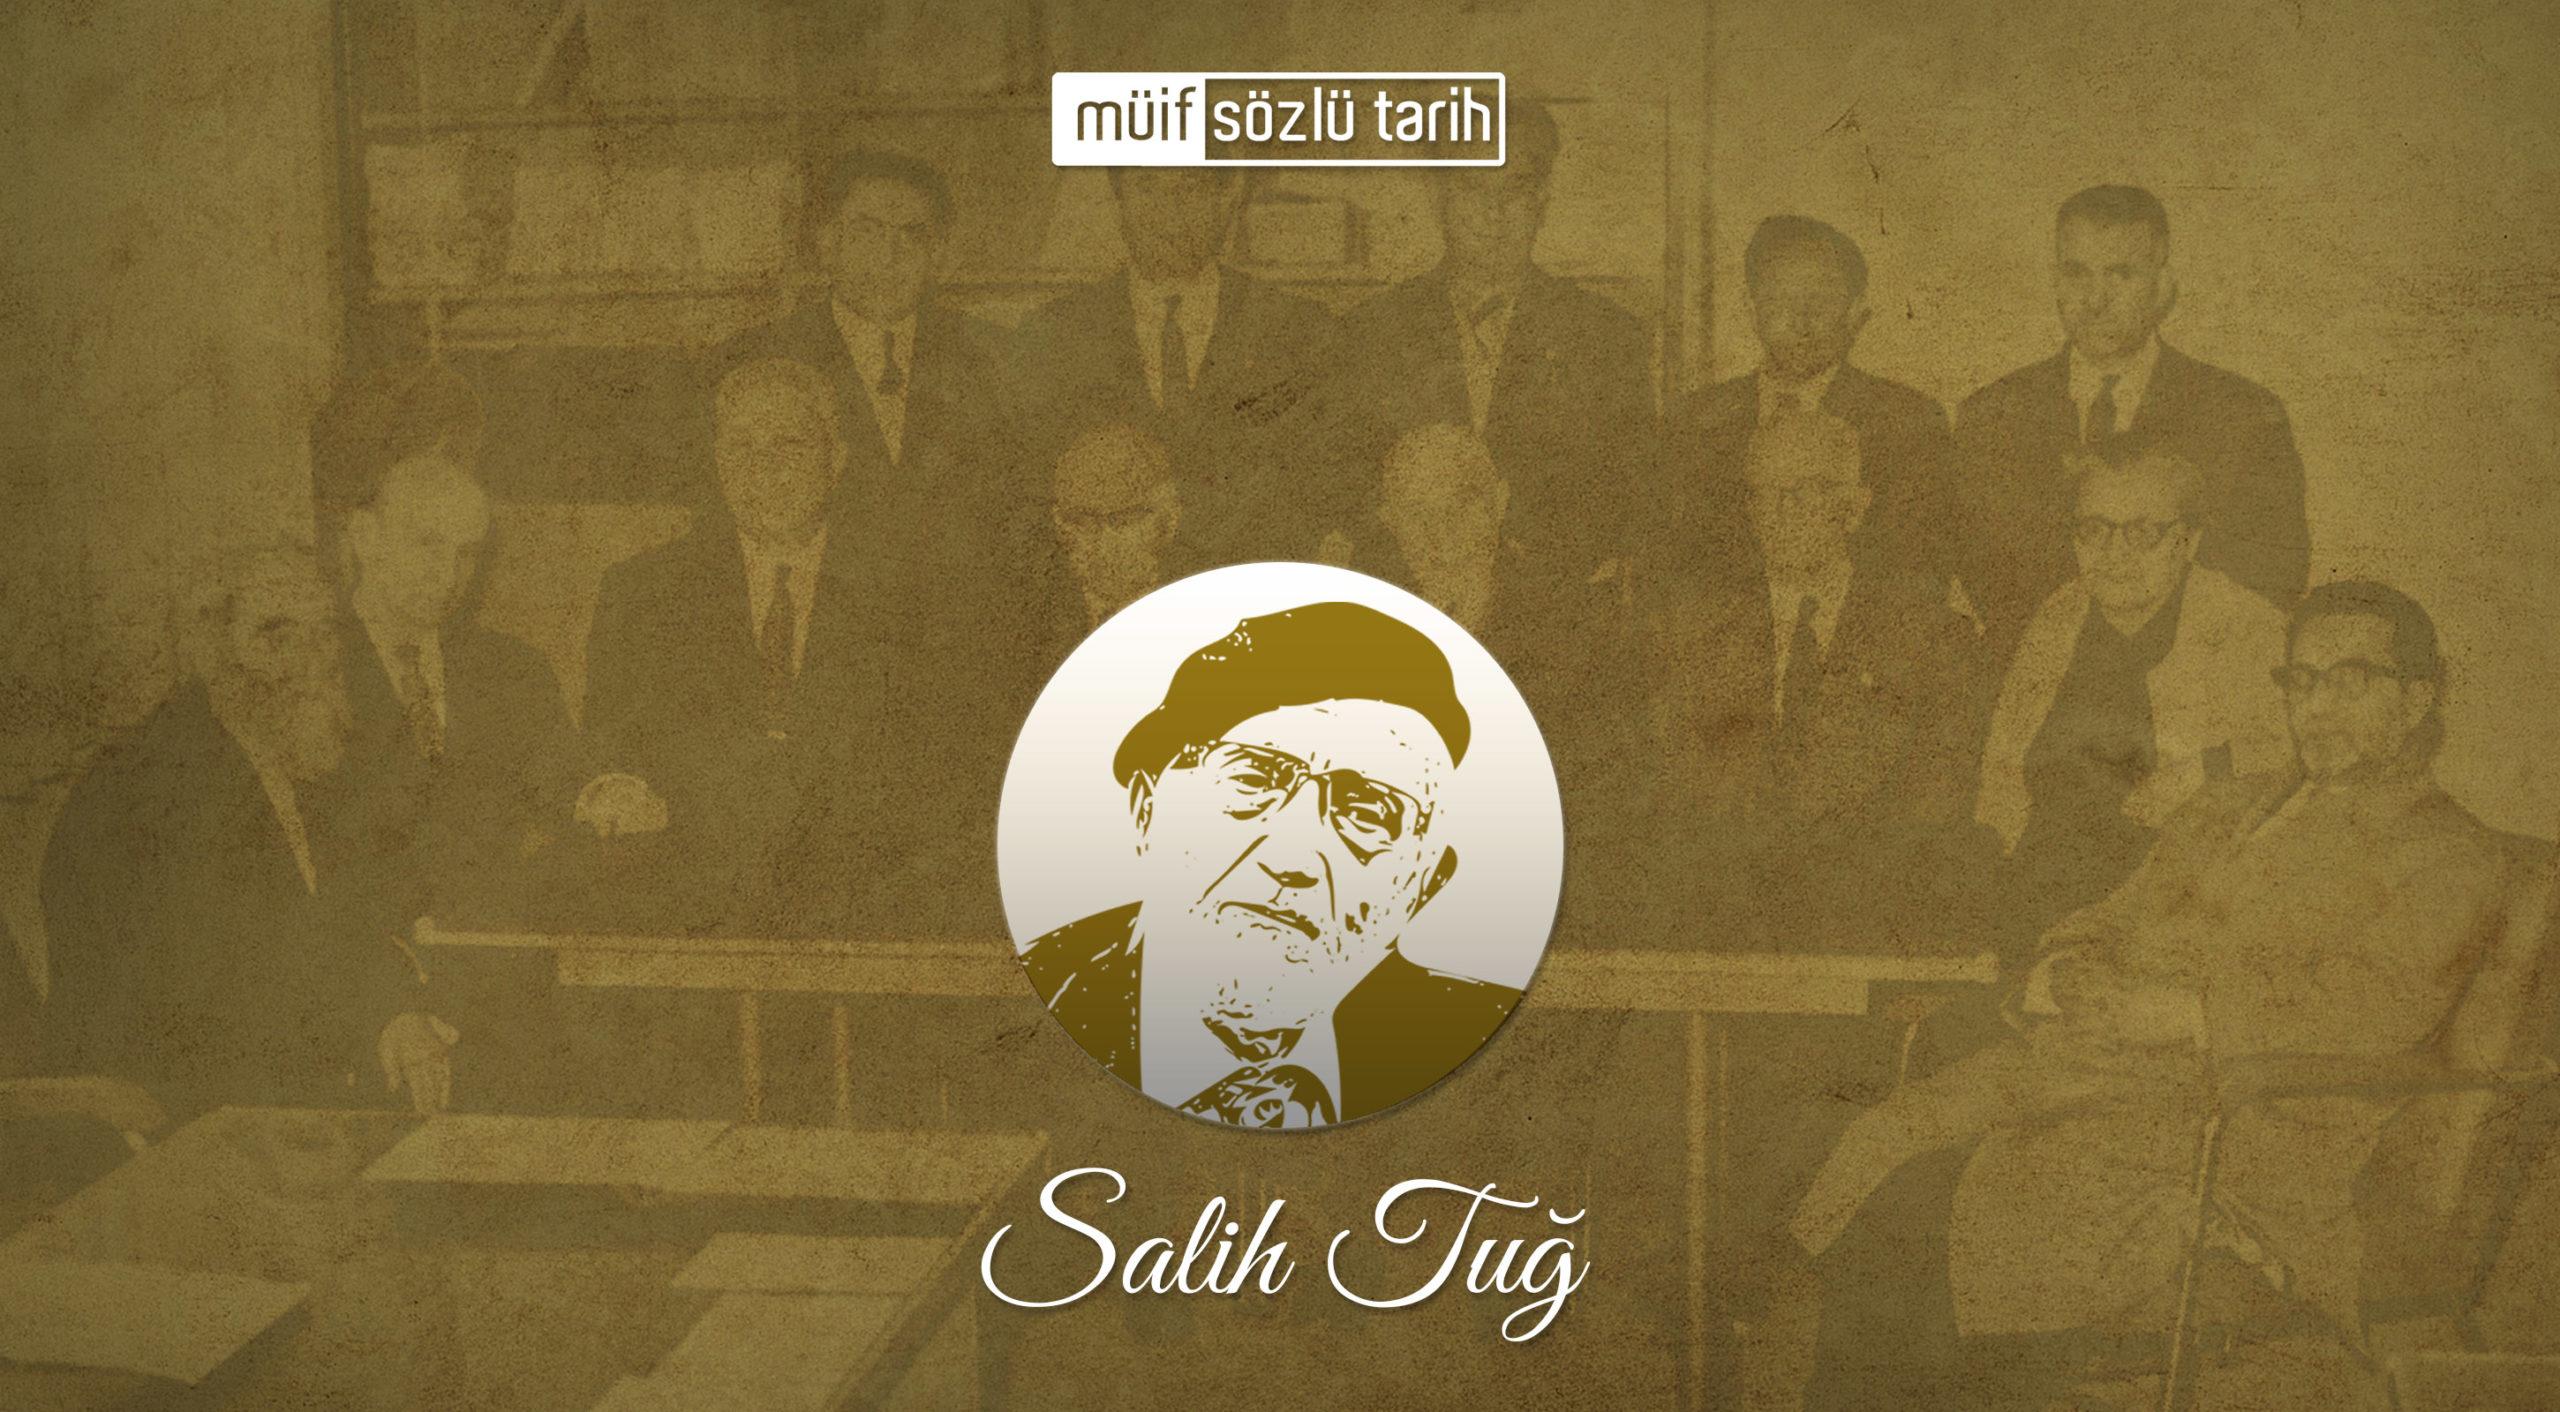 Prof. Dr. Salih Tuğ